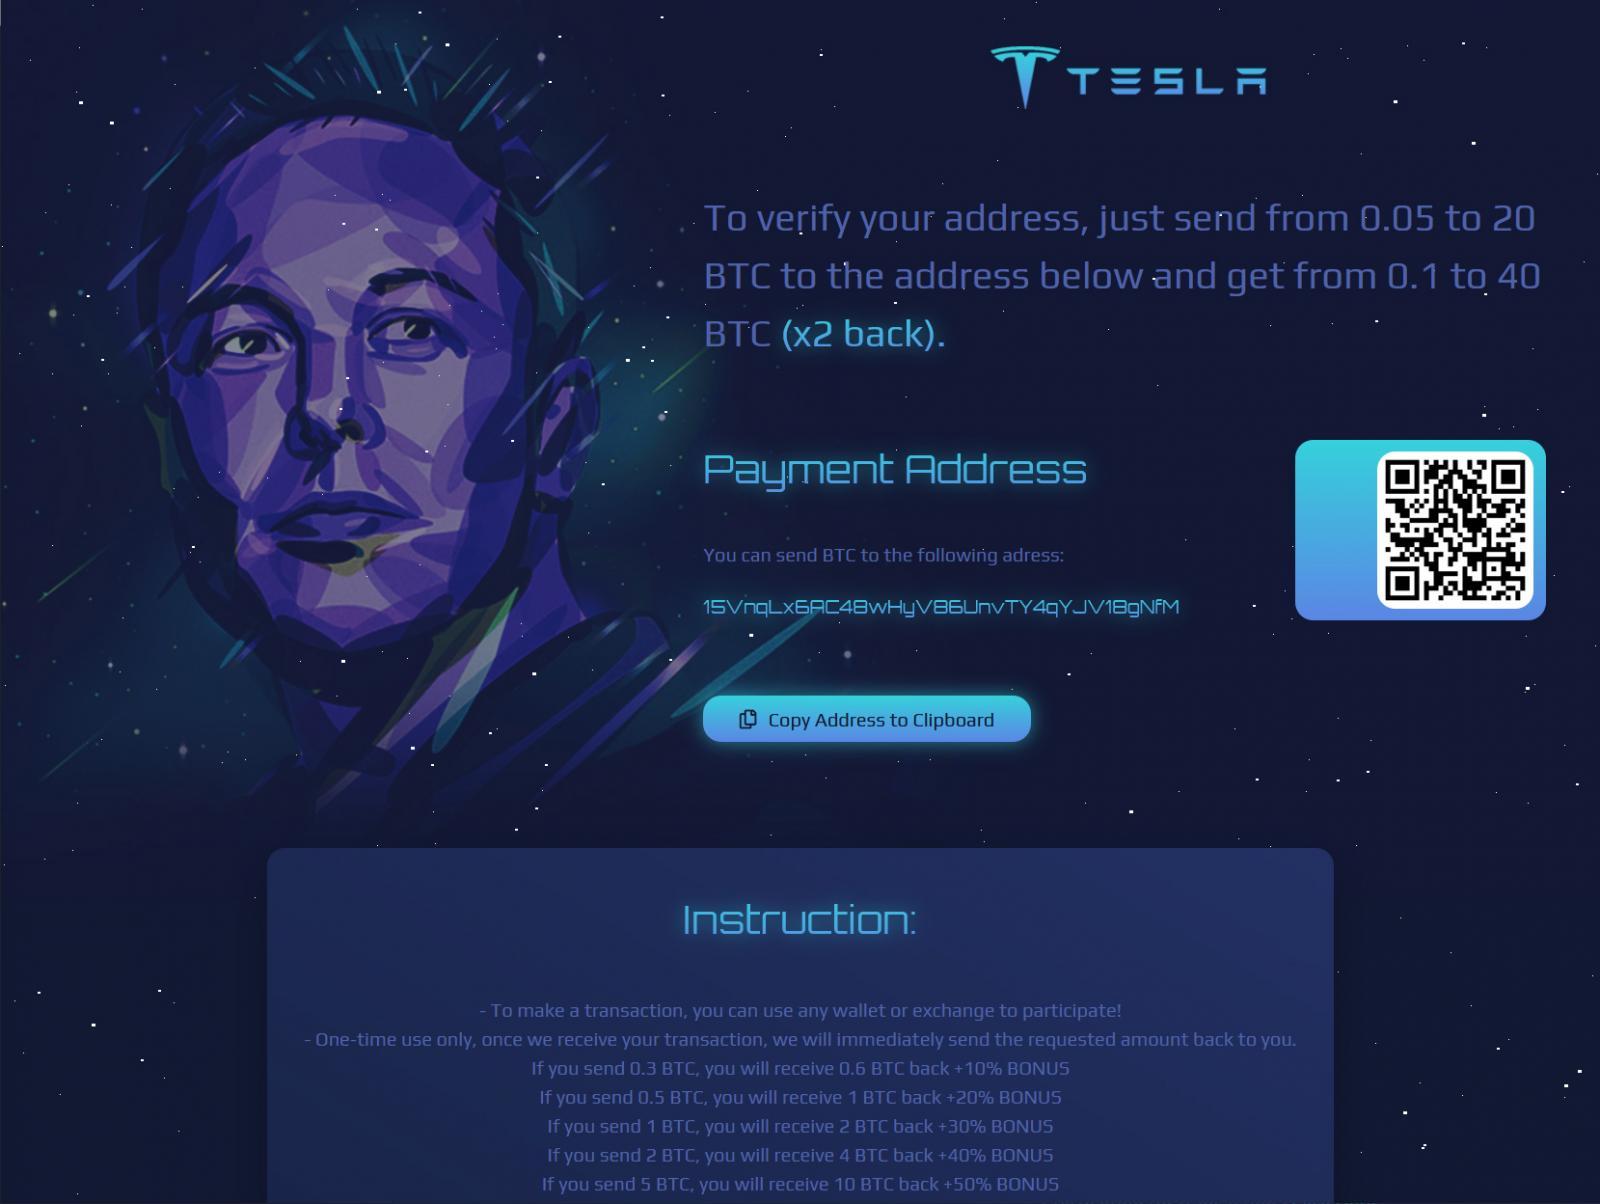 가짜 Elon Musk / Tesla 경품 사이트